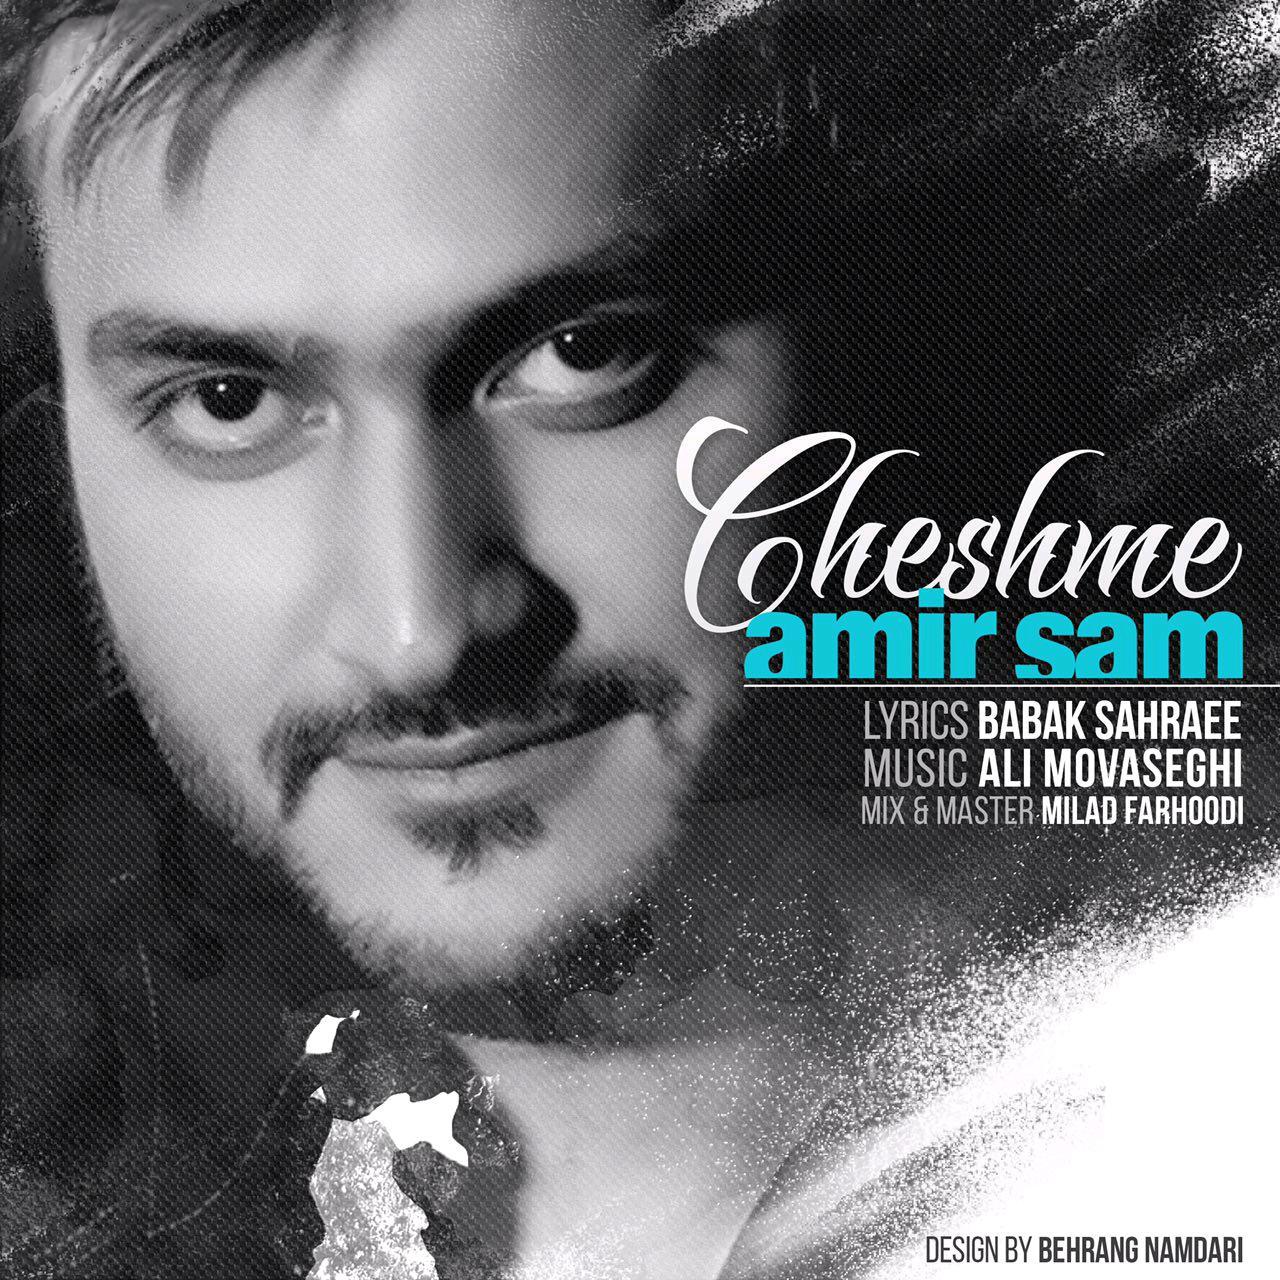 Amir Sam – Cheshmeh